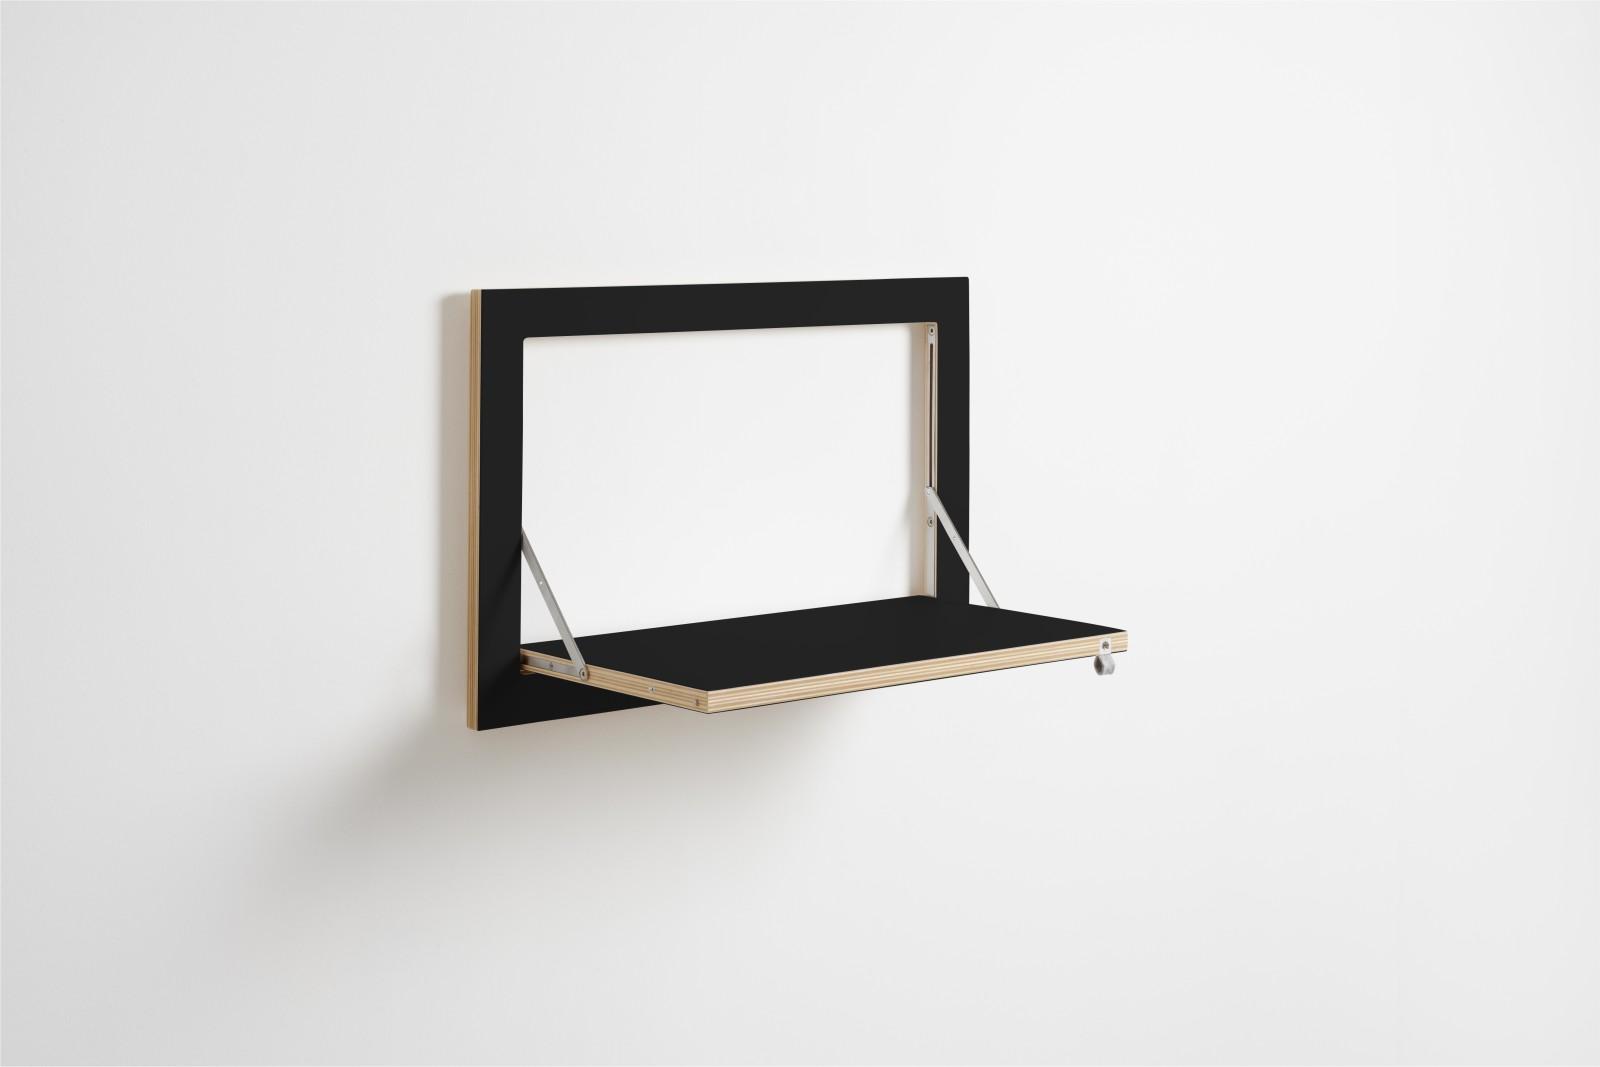 Fla pps Shelf 60x40-1 Black